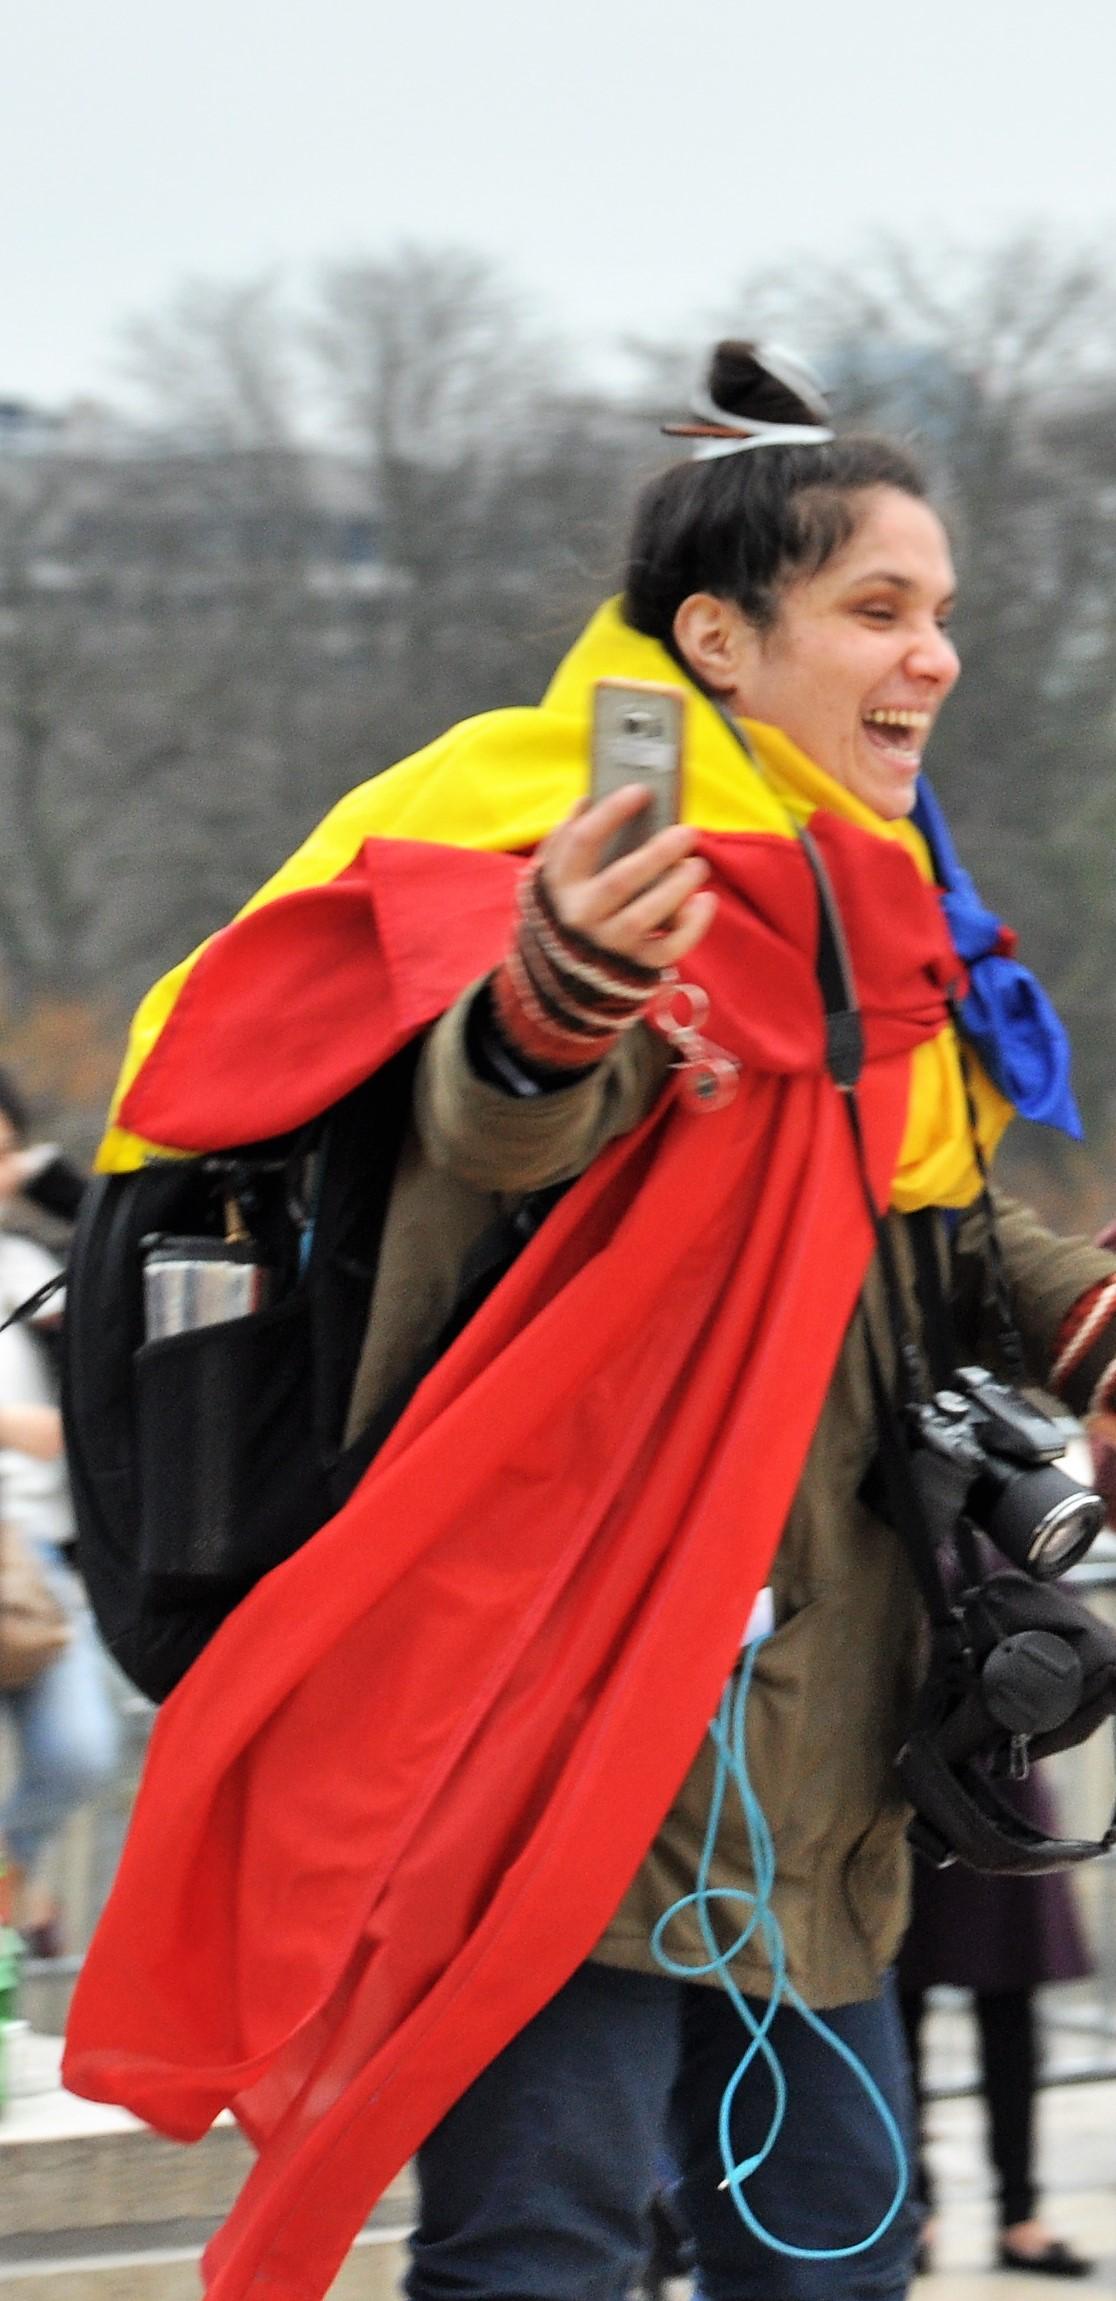 Paris_proteste_Romania_Alla_Tofan_PoliticALL29